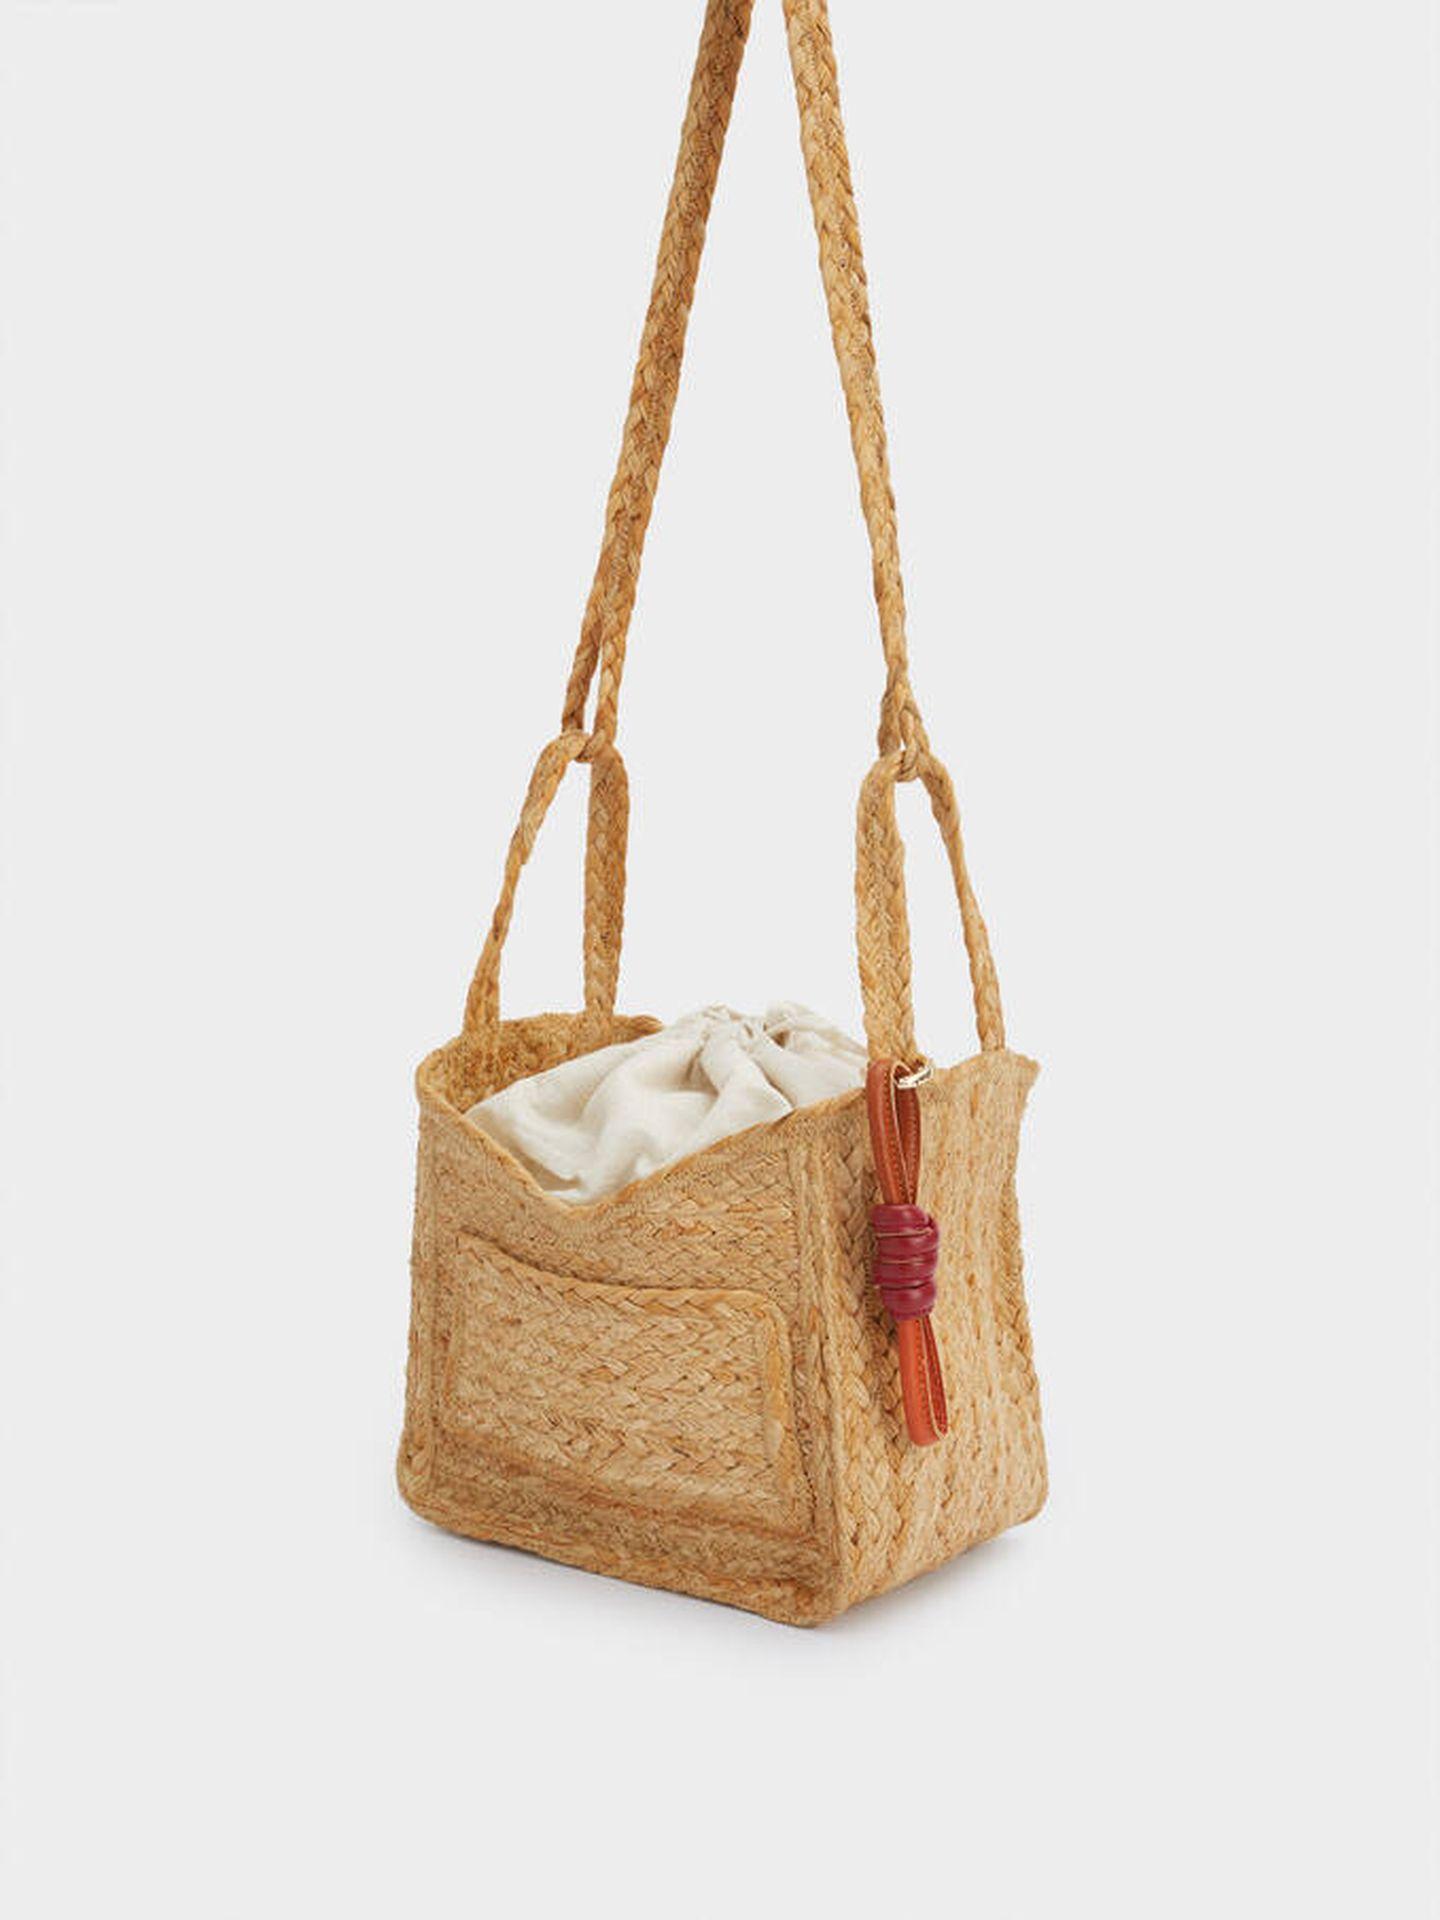 Un nuevo bolso de rafia de Parfois. (Cortesía)